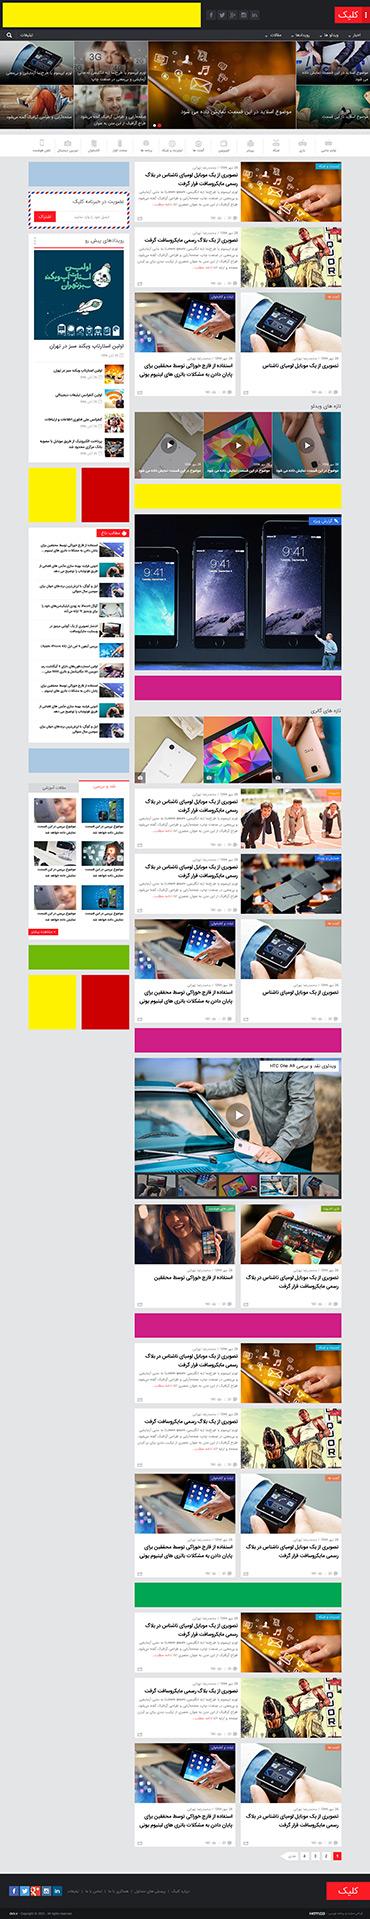 رسانه دانش و فناوری (کلیک) - صفحه اصلی